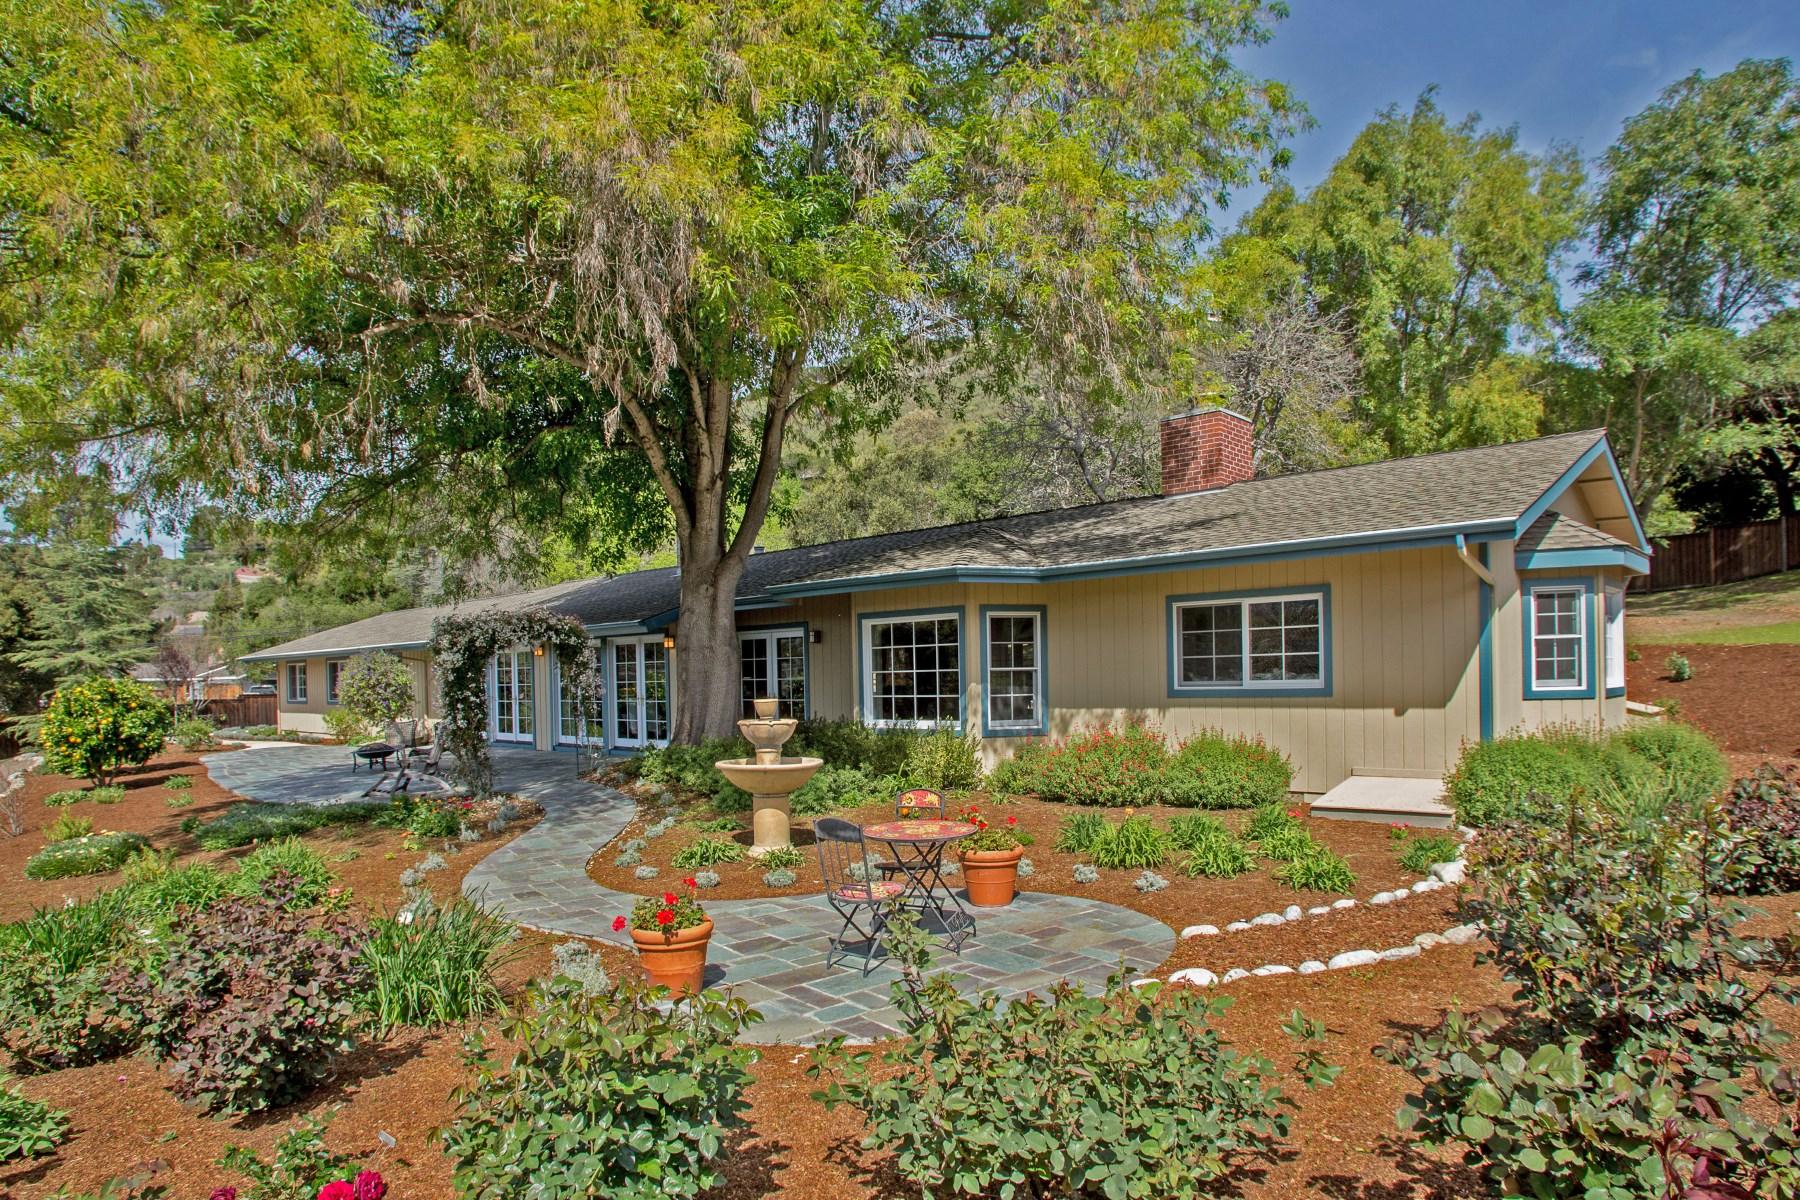 Moradia para Venda às Exquisite Spacious Valley Home 153 El Caminito Road Carmel Valley, Califórnia 93924 Estados Unidos